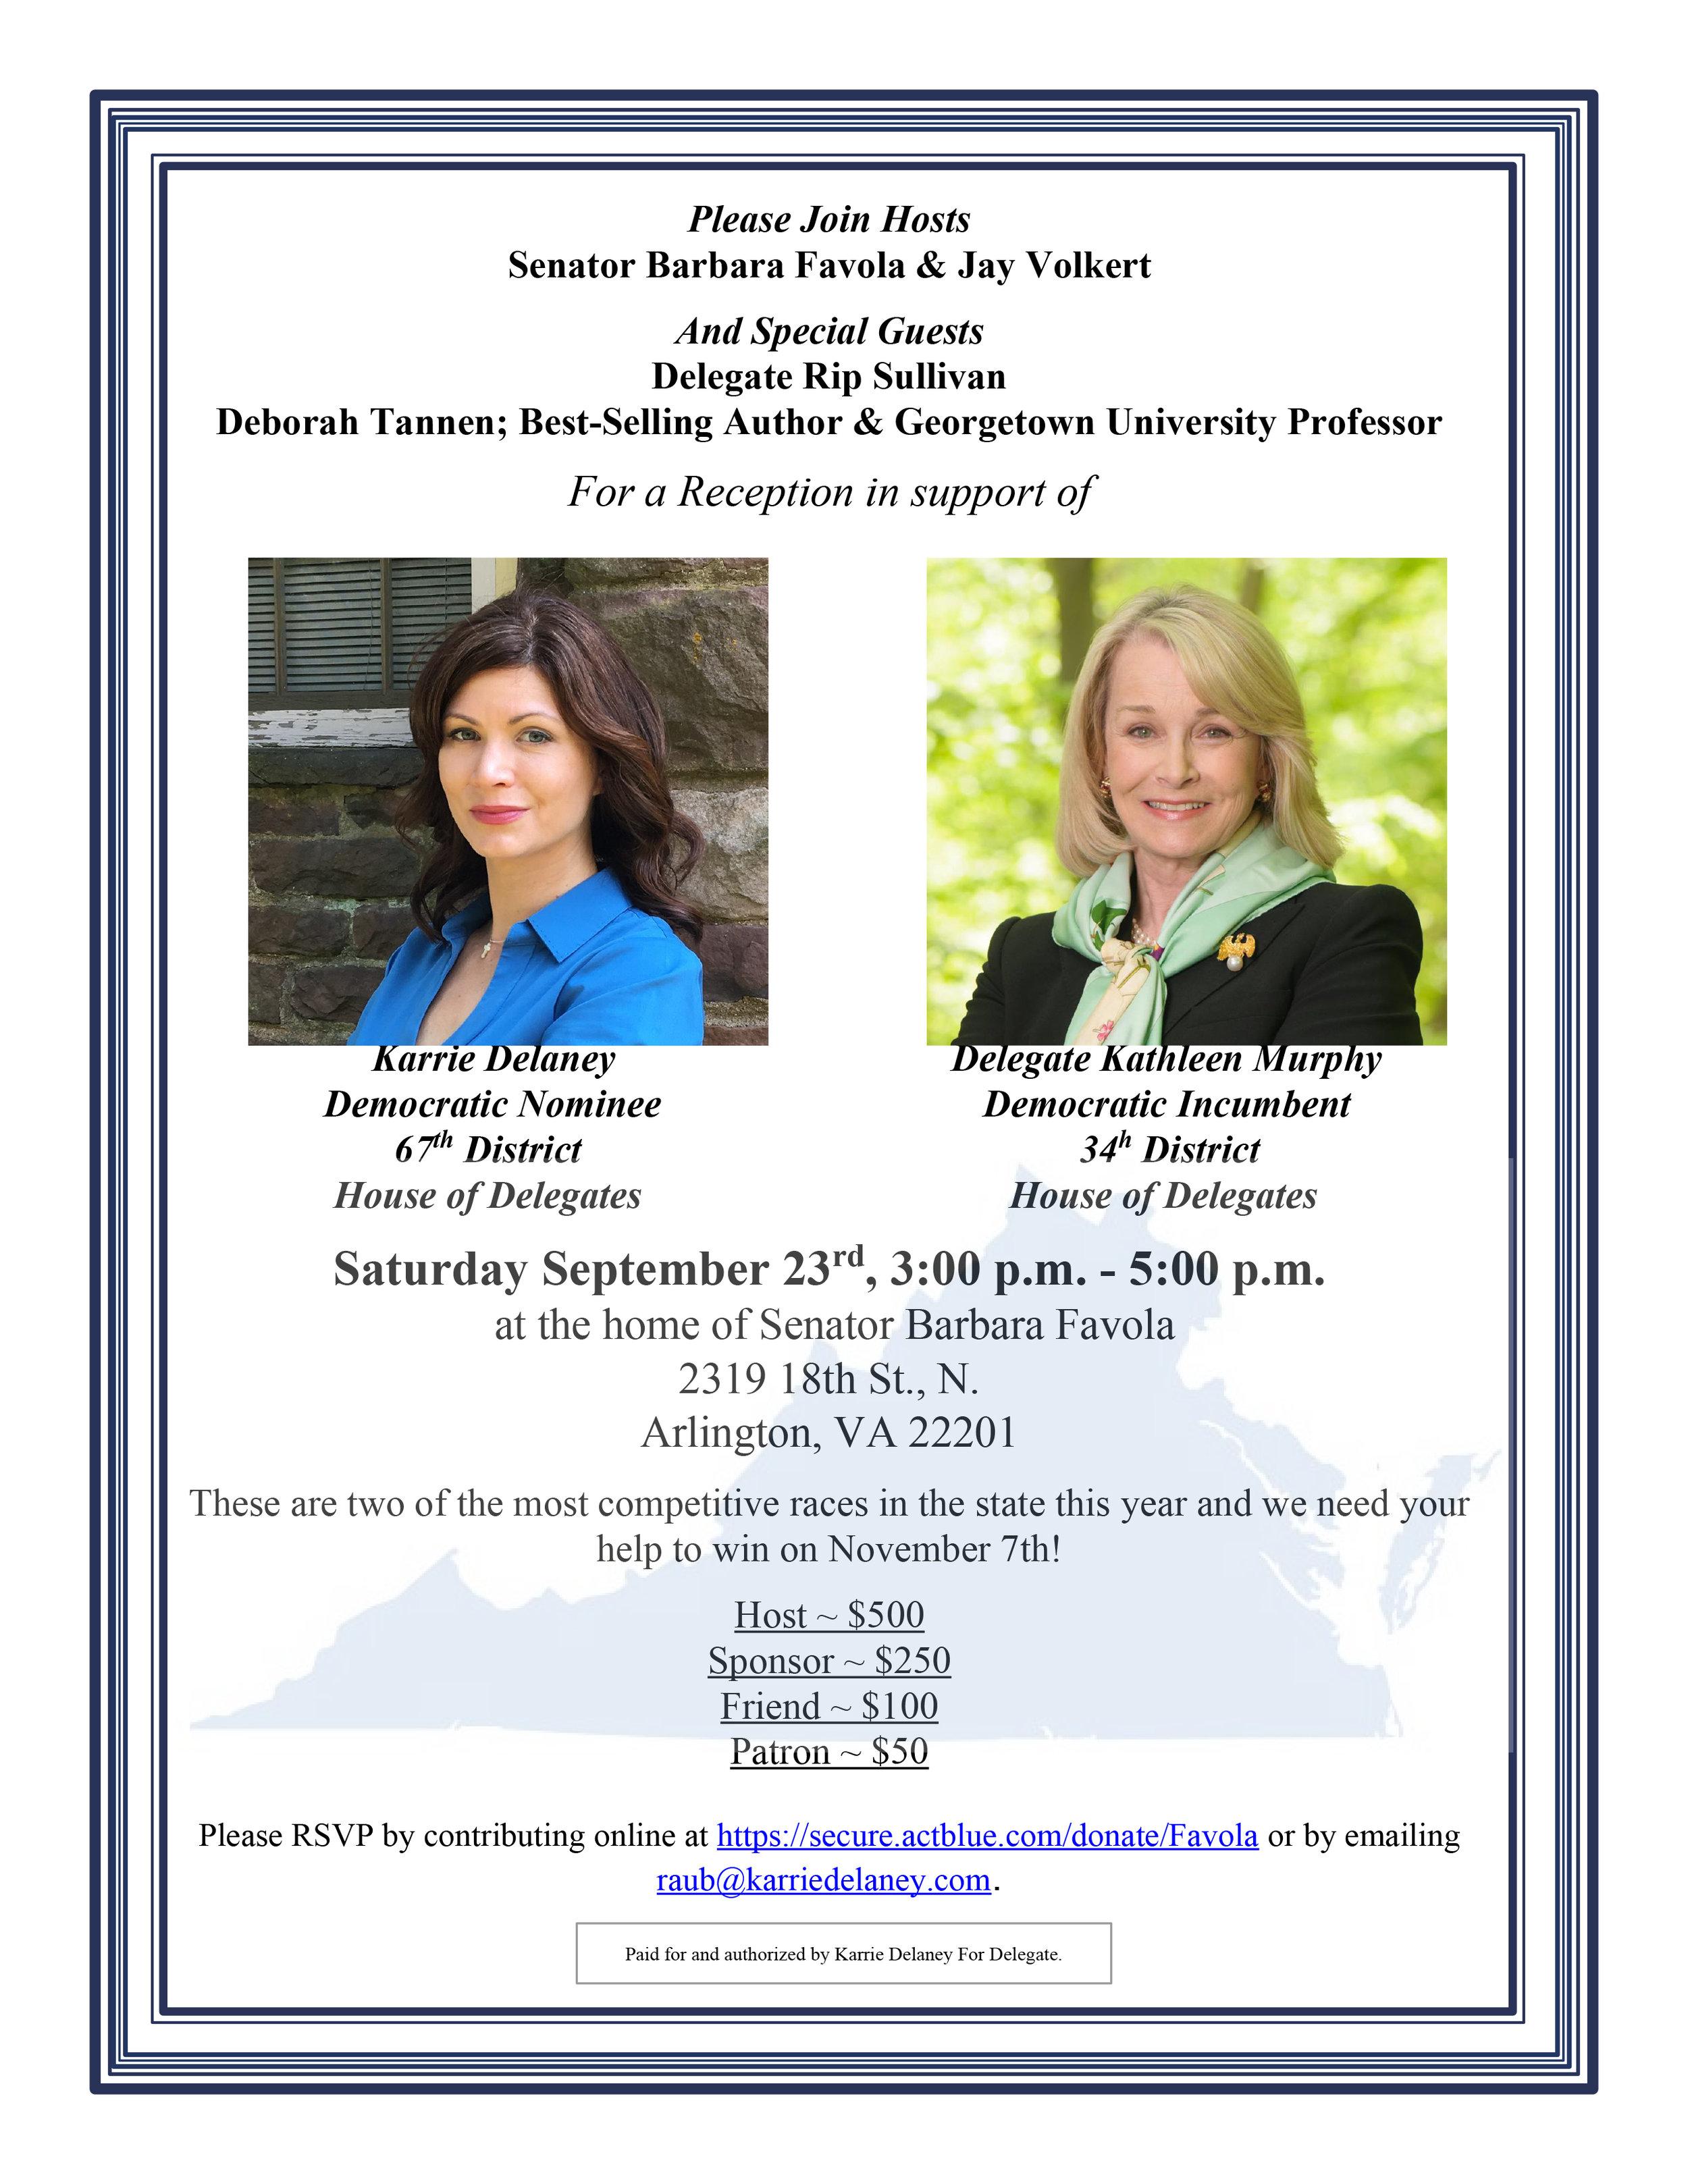 9.23 Invitation To Support Karrie Delaney & Delegate Kathleen Murphy (4).jpg